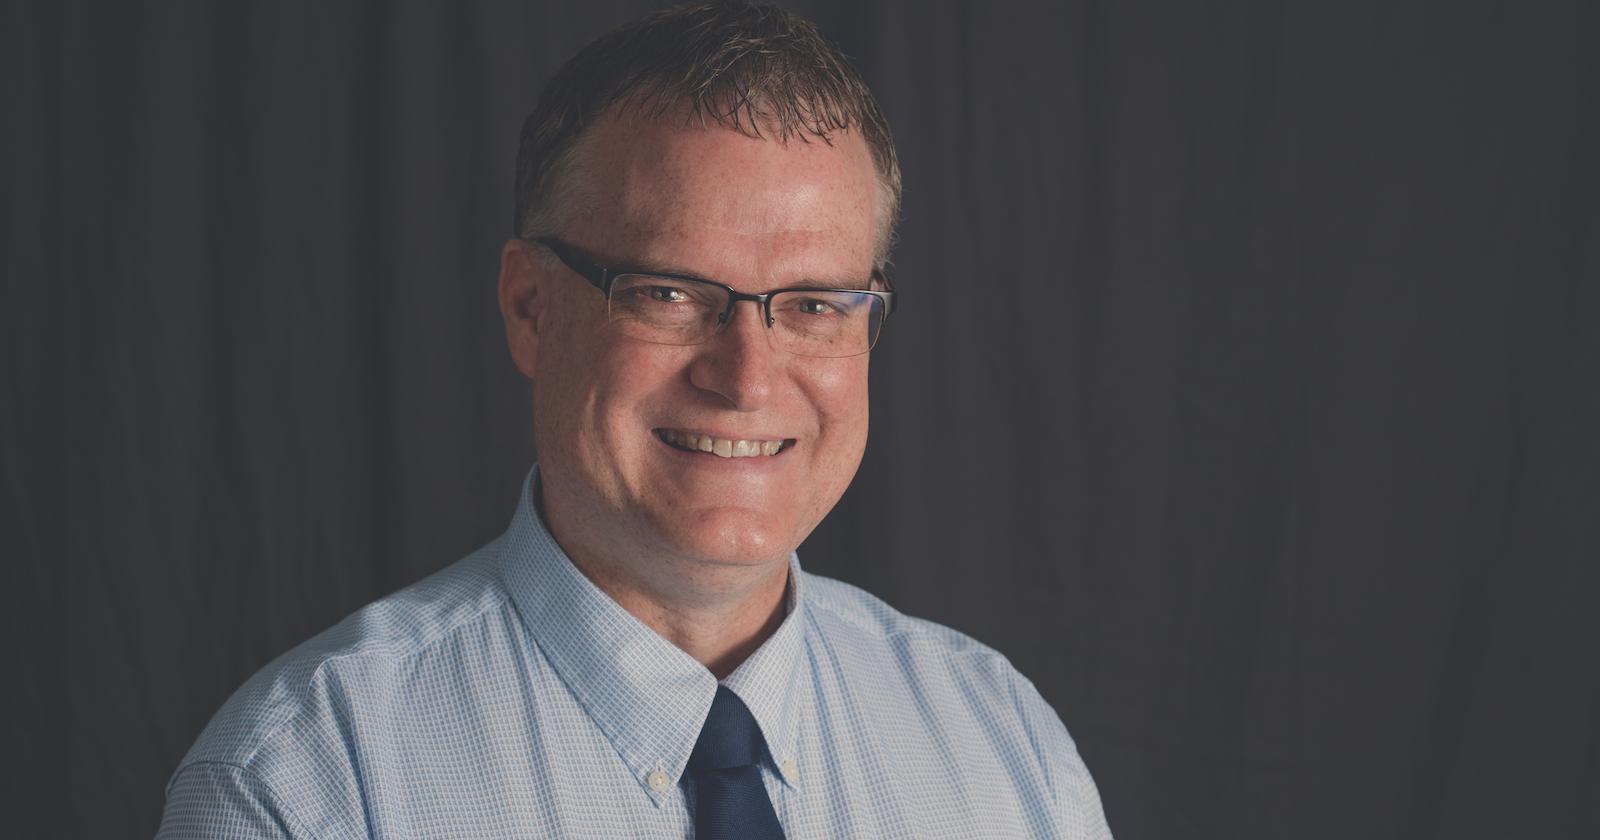 Darren Dahl, Assistant Professor of Philosophy